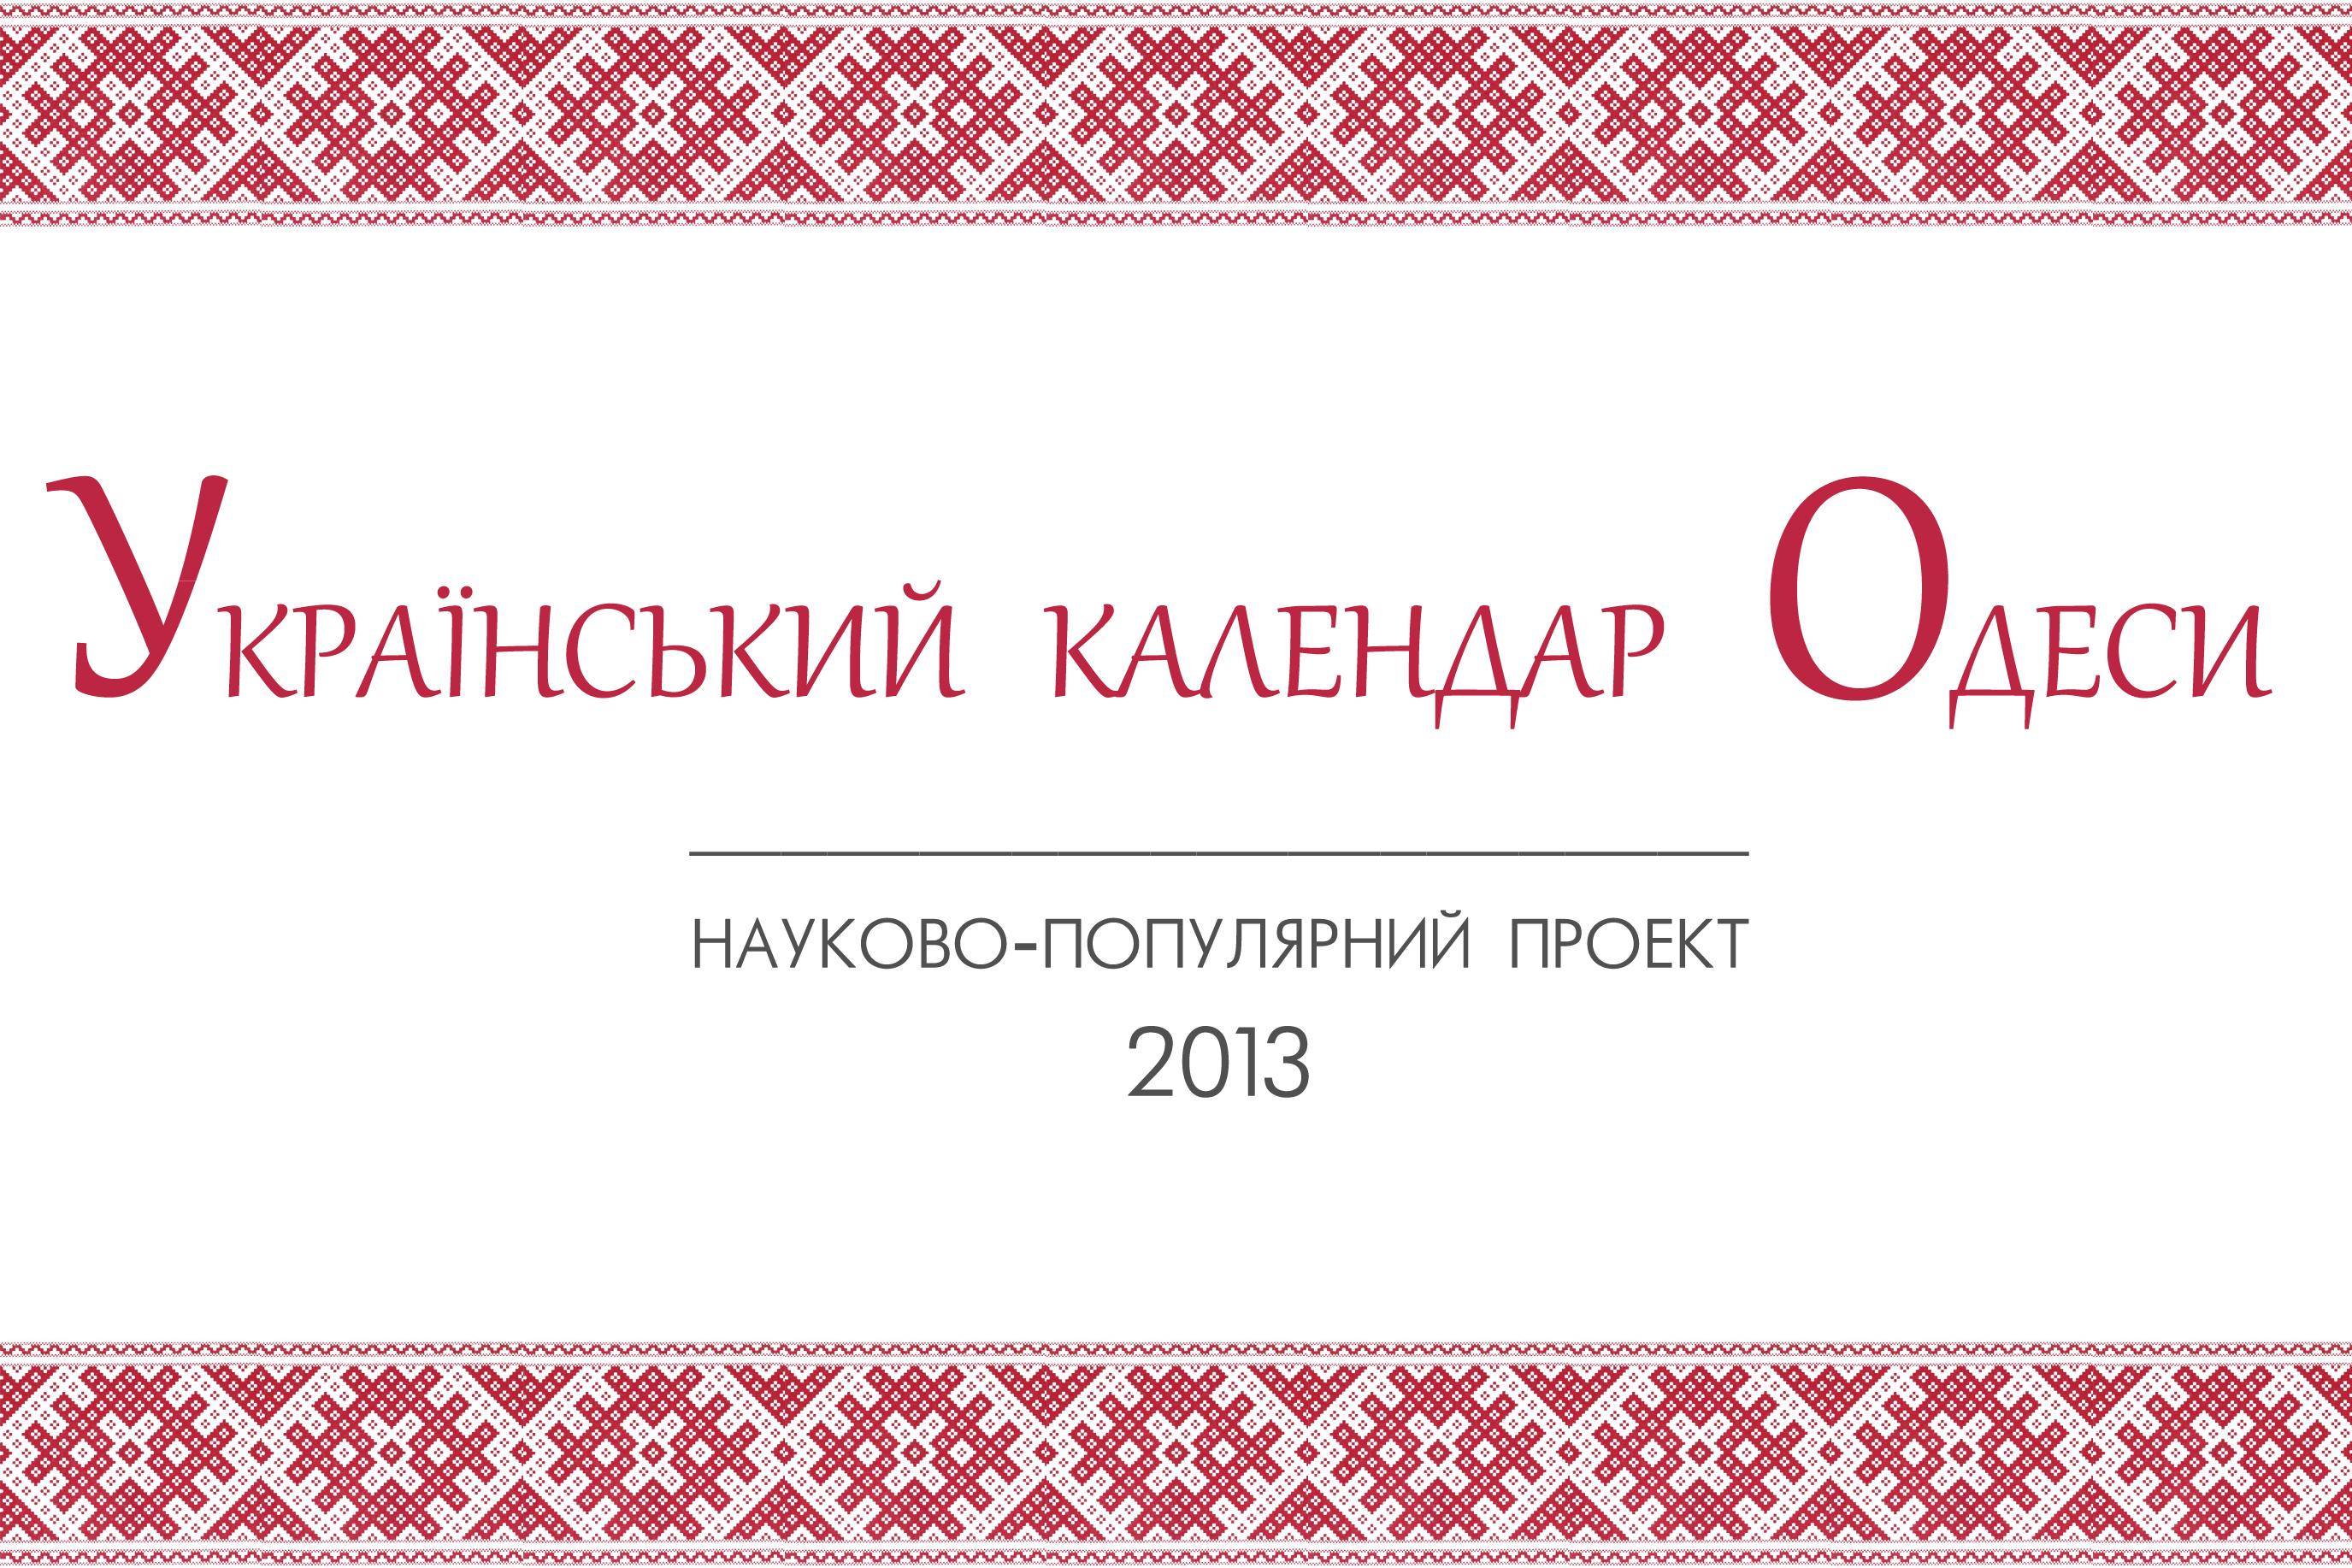 Одеські історики складають український календар